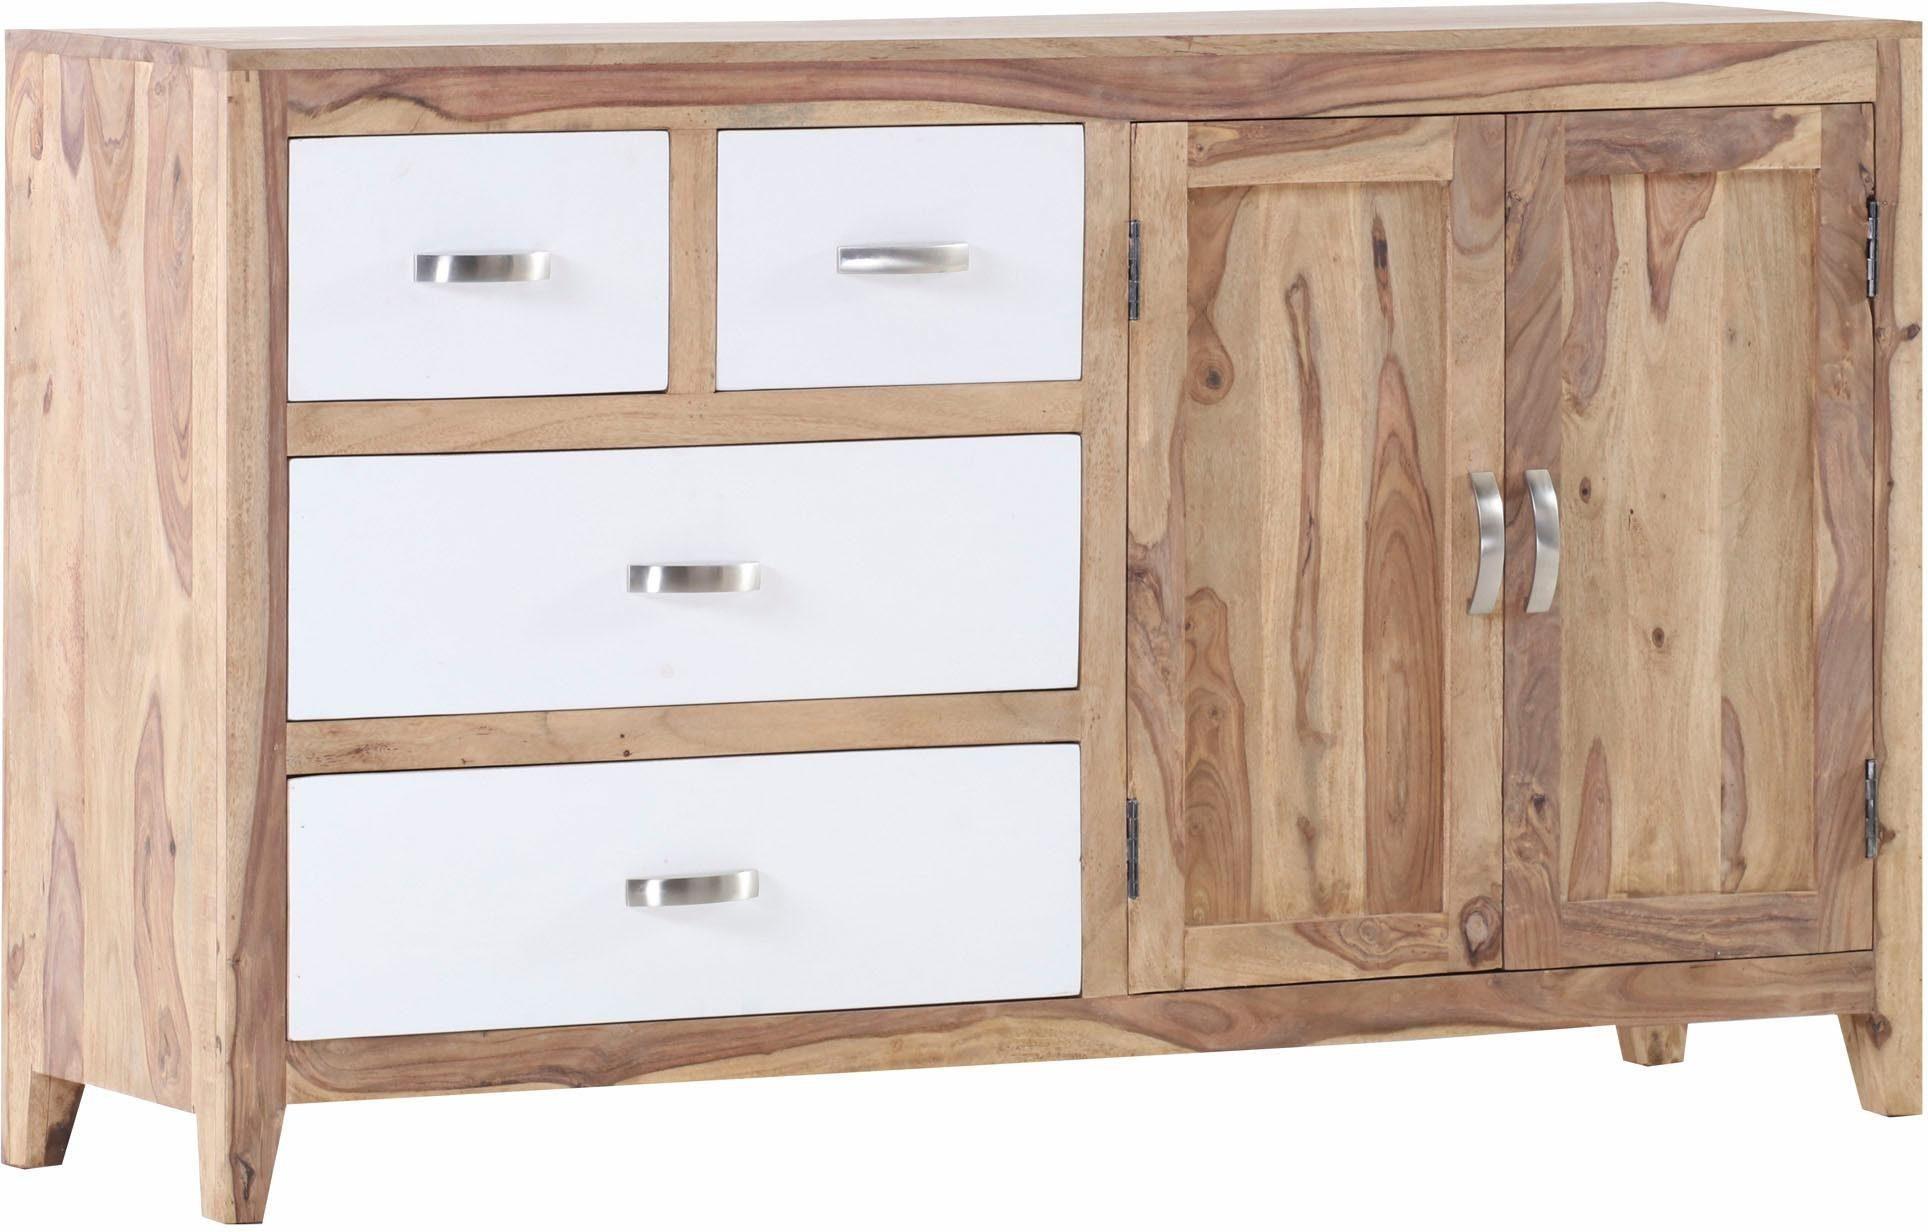 Gutmann Factory Sideboard, Breite 150 cmSideboard »Vienna« mit 2 Holztüren und 4 Schubladen, Breite 150 cm